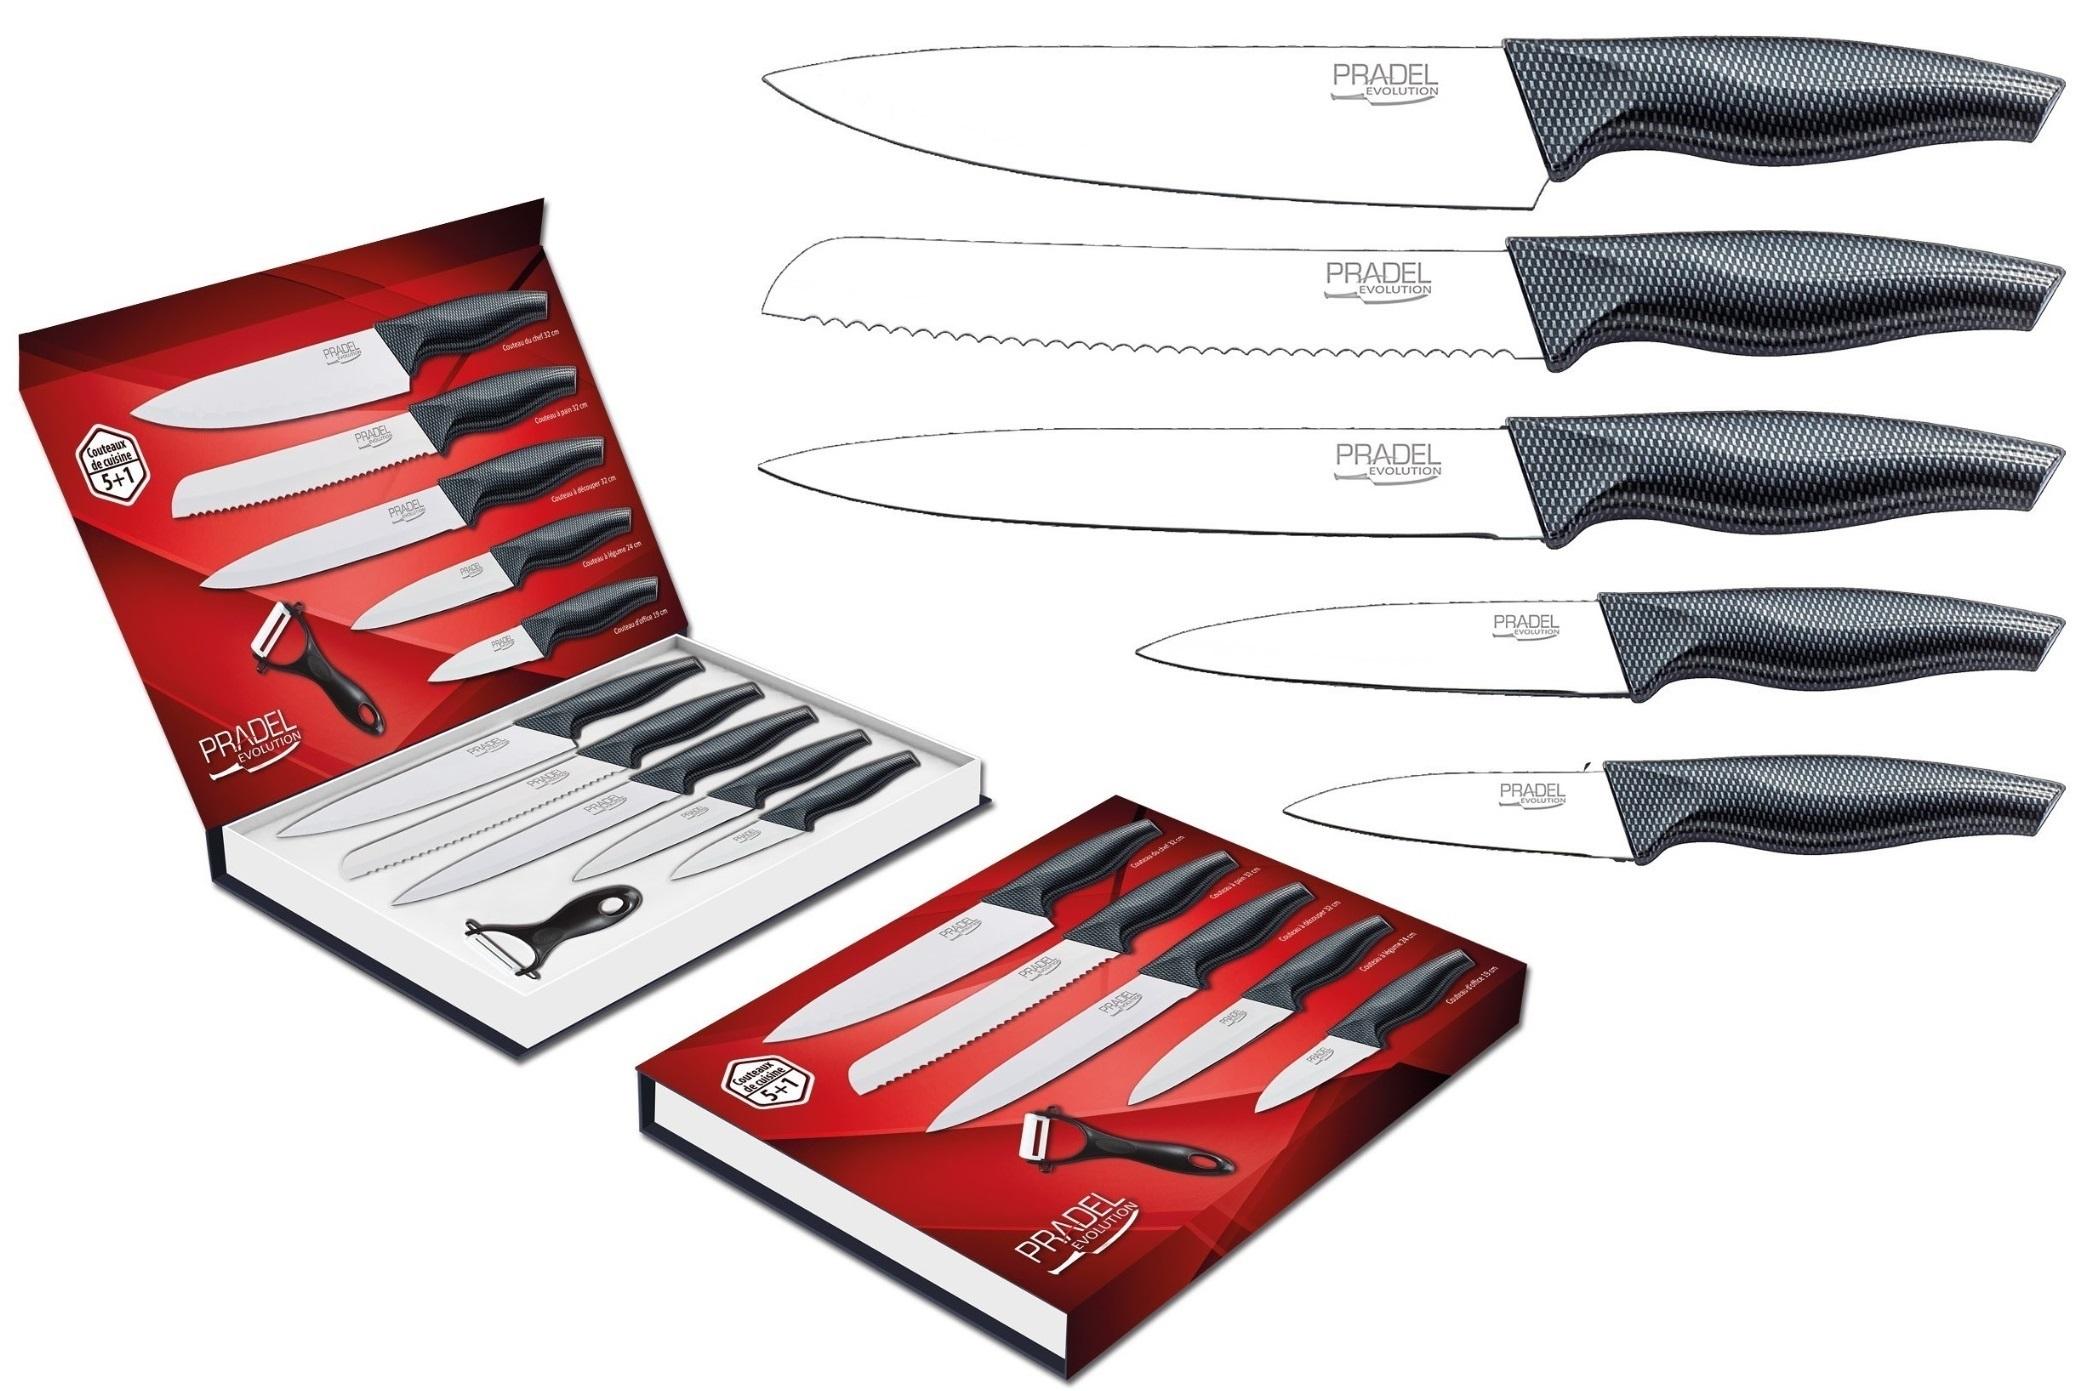 Coffret couteaux PRADEL couteau de cuisine table - Acier blanc